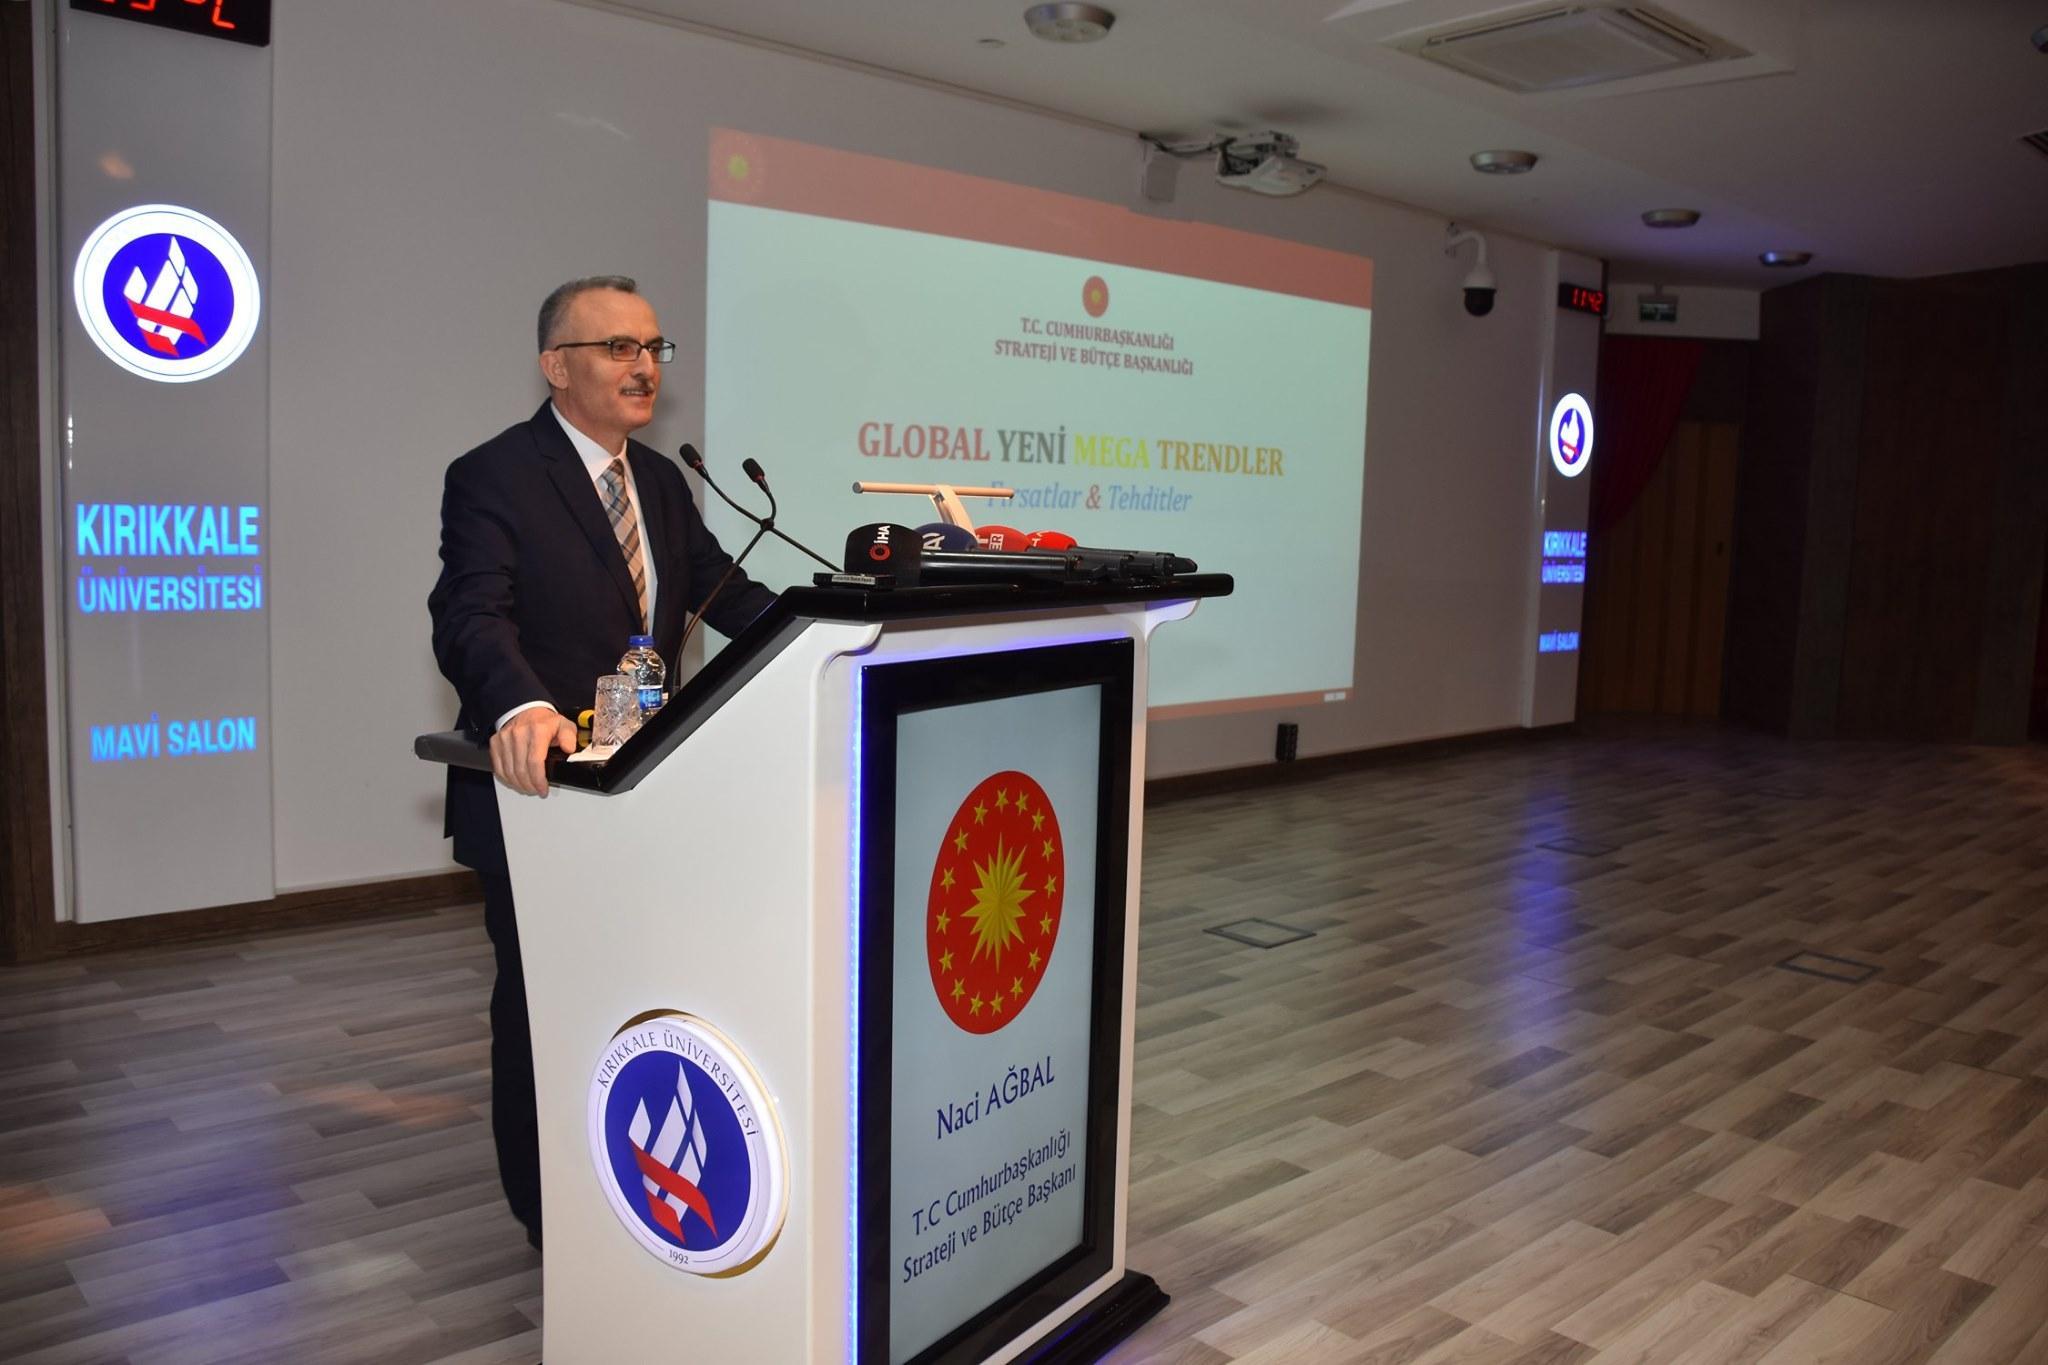 Ağbal, Kırıkkale Üniversitesi'nde Konferans Verdi